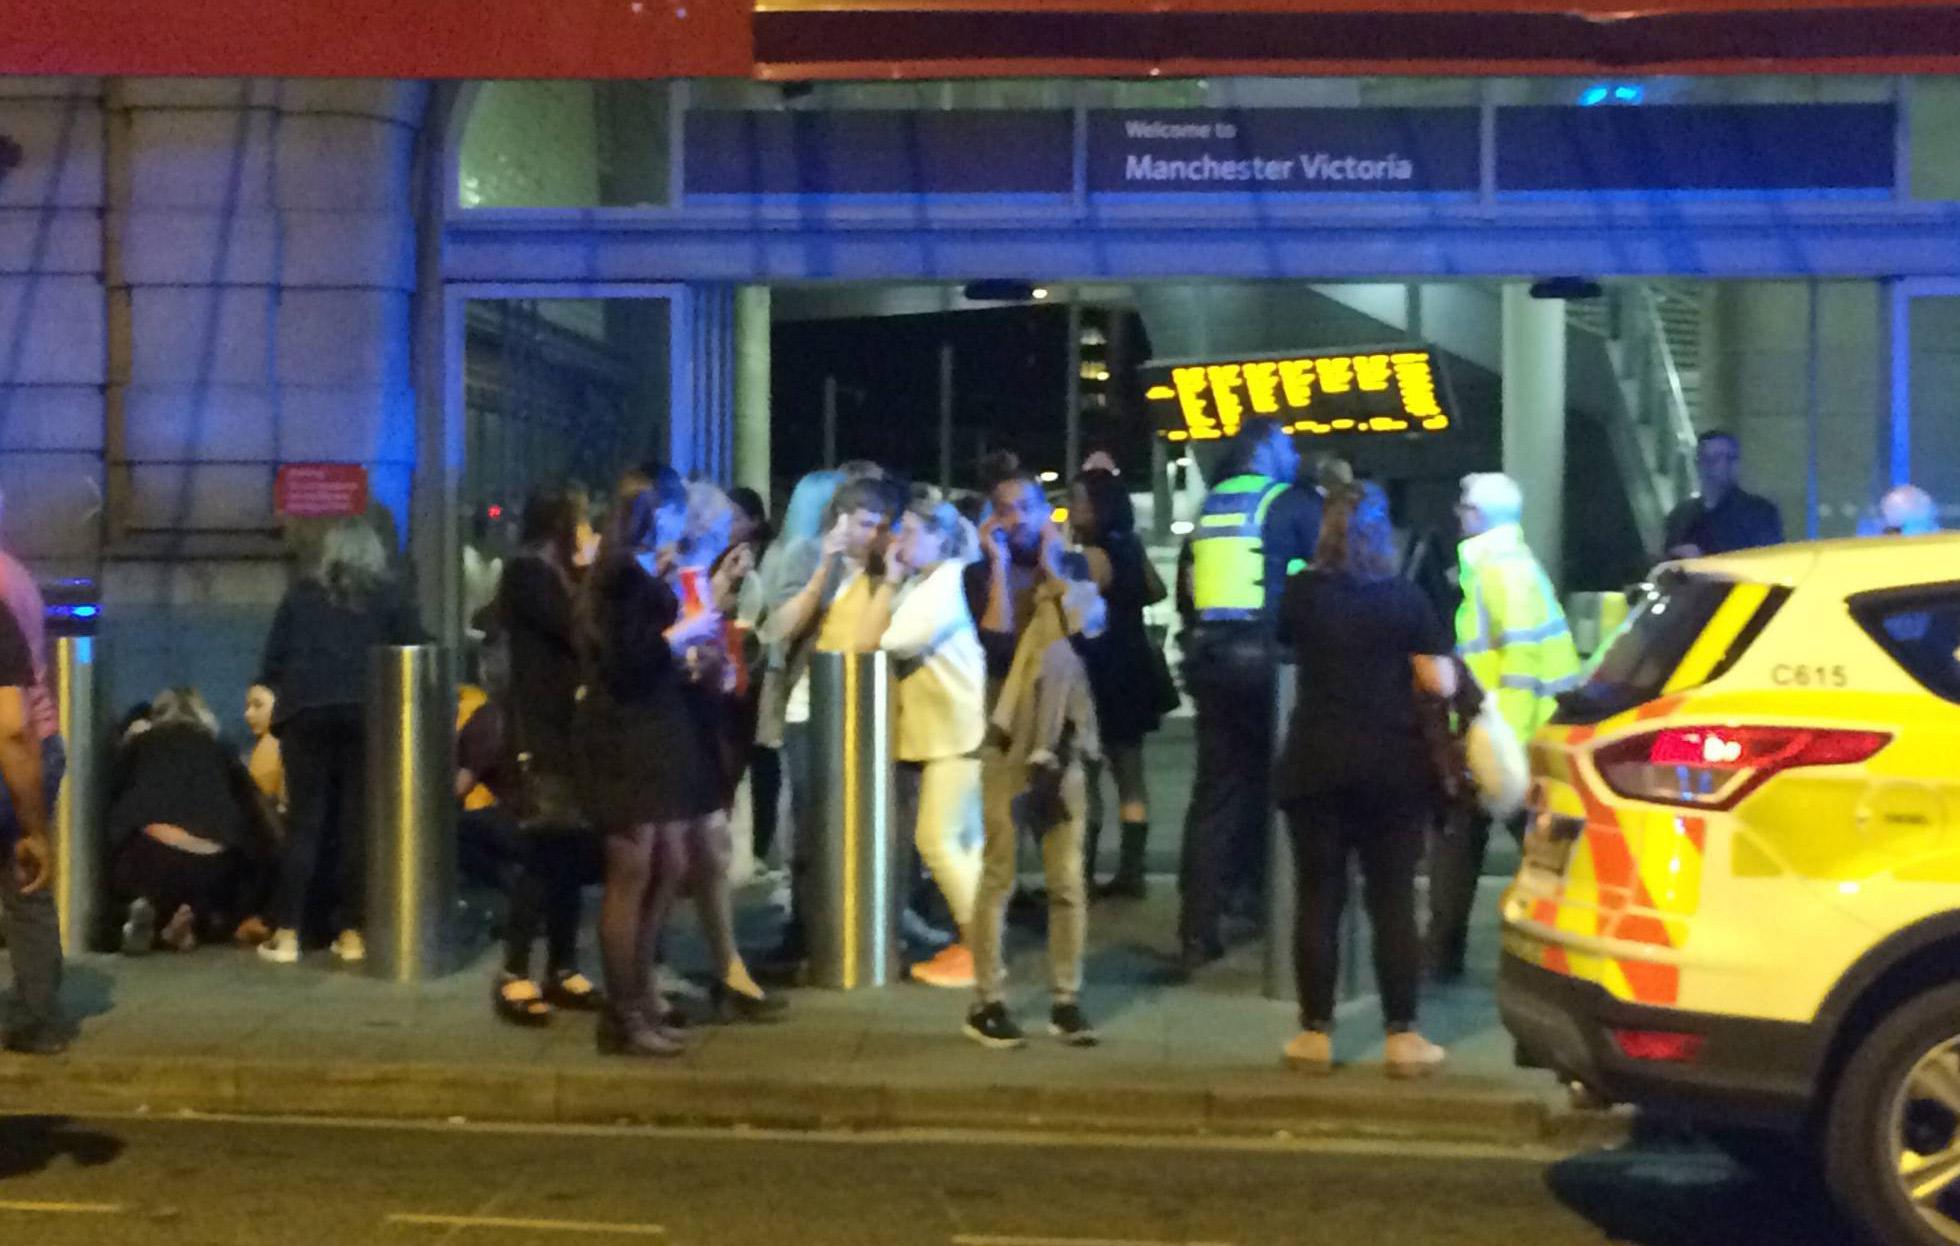 Identifican al responsable del atentado en Manchester